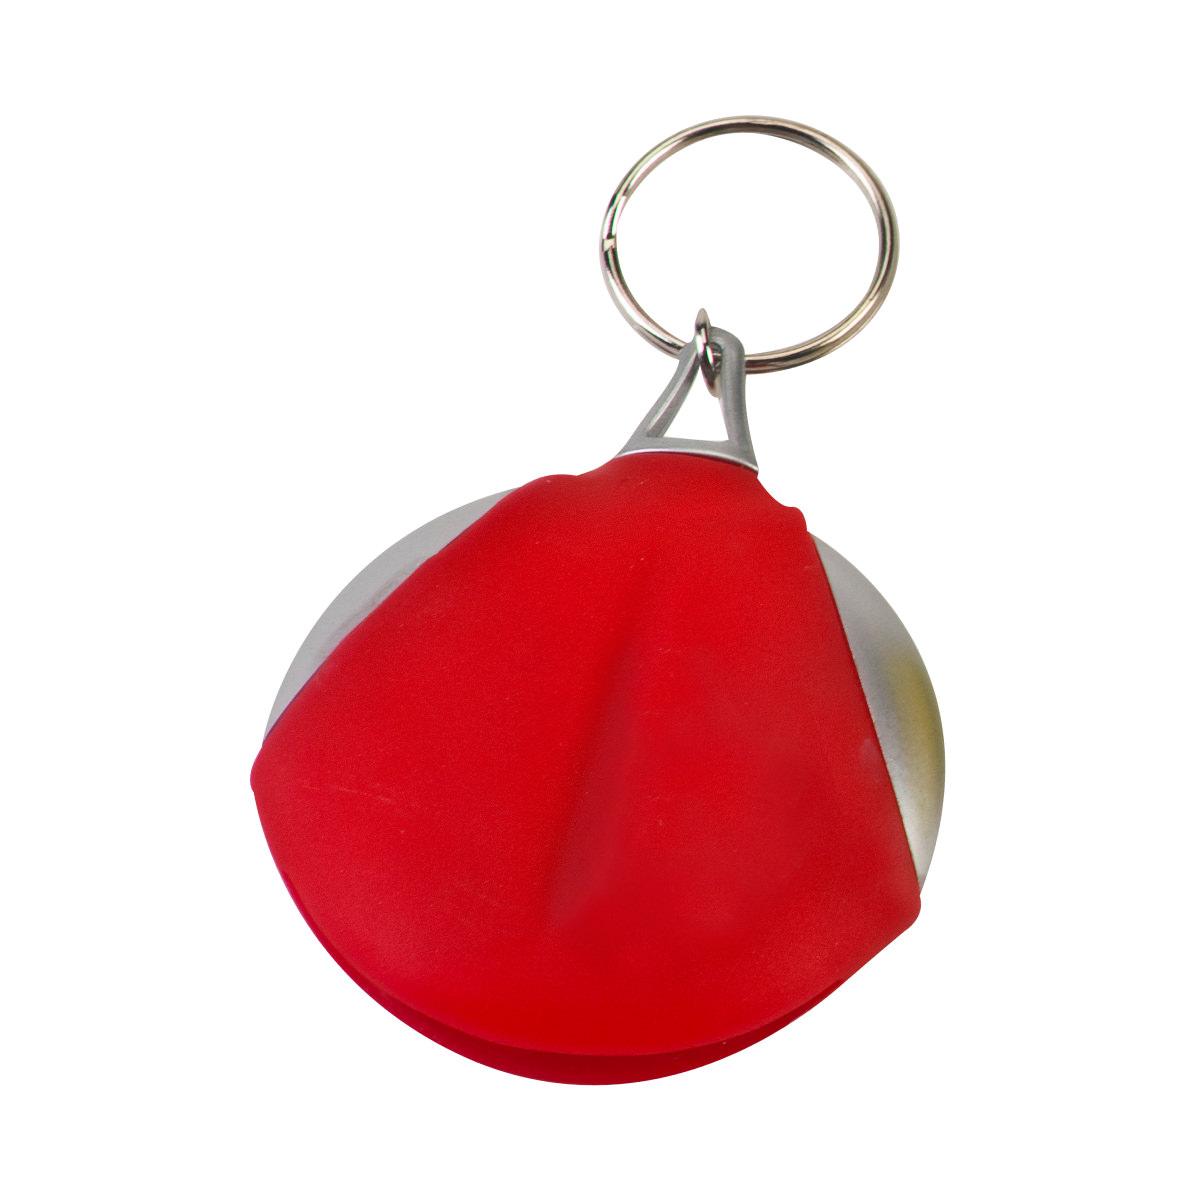 מחזיק מפתחות עם נרתיק מטלית לניקוי - מקסימוס